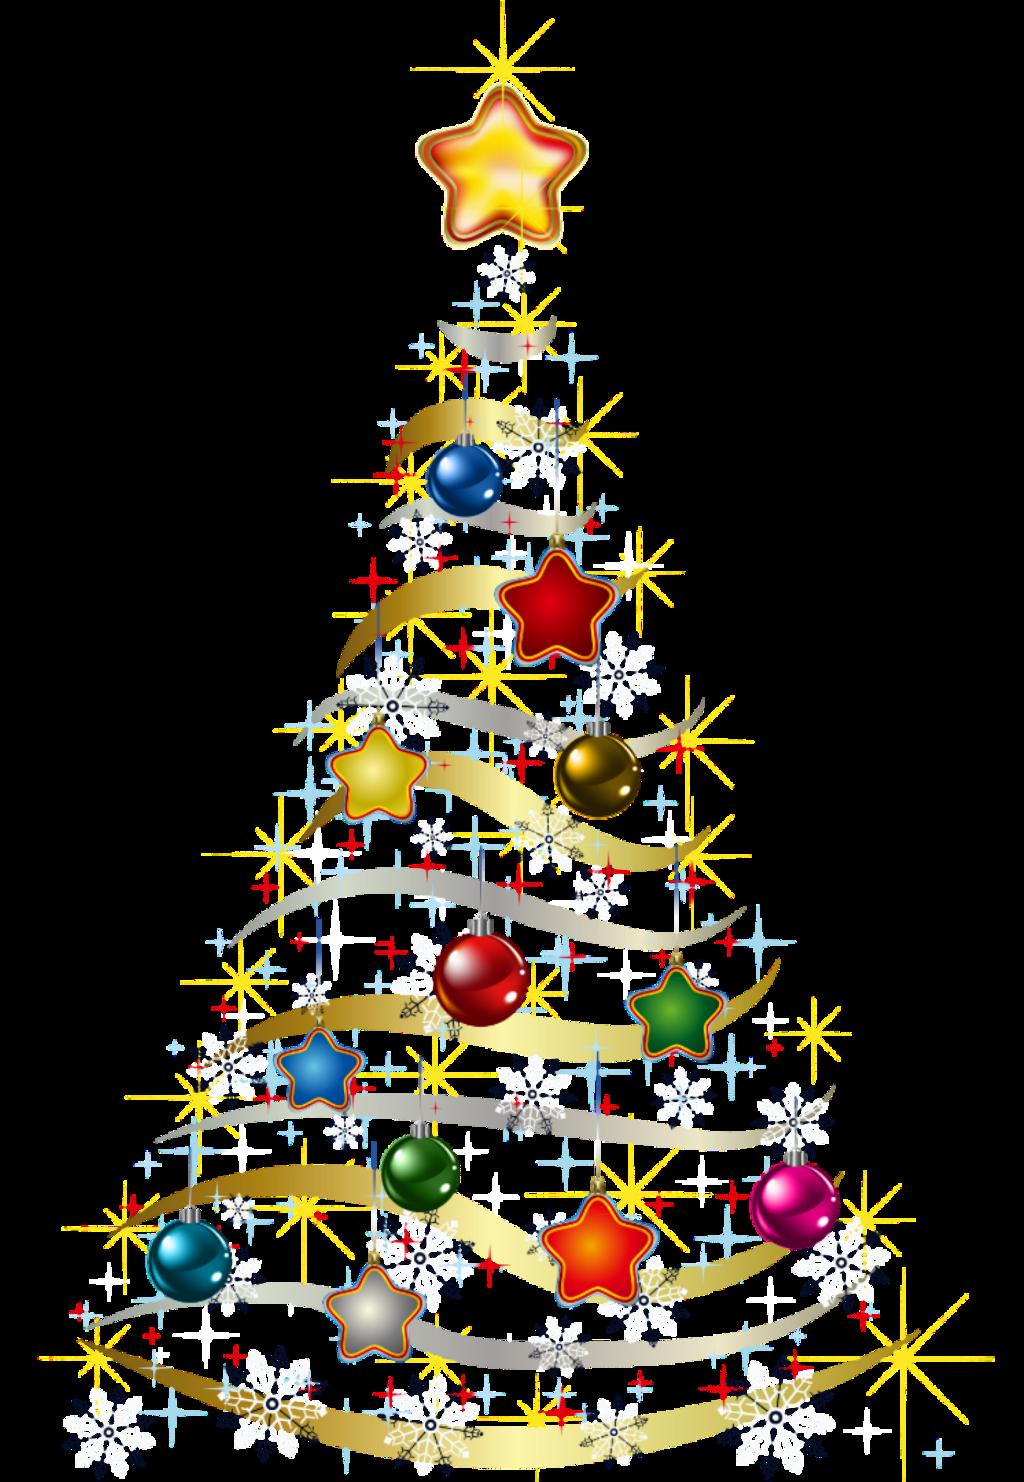 #christmastree #christmas #merrychristmas